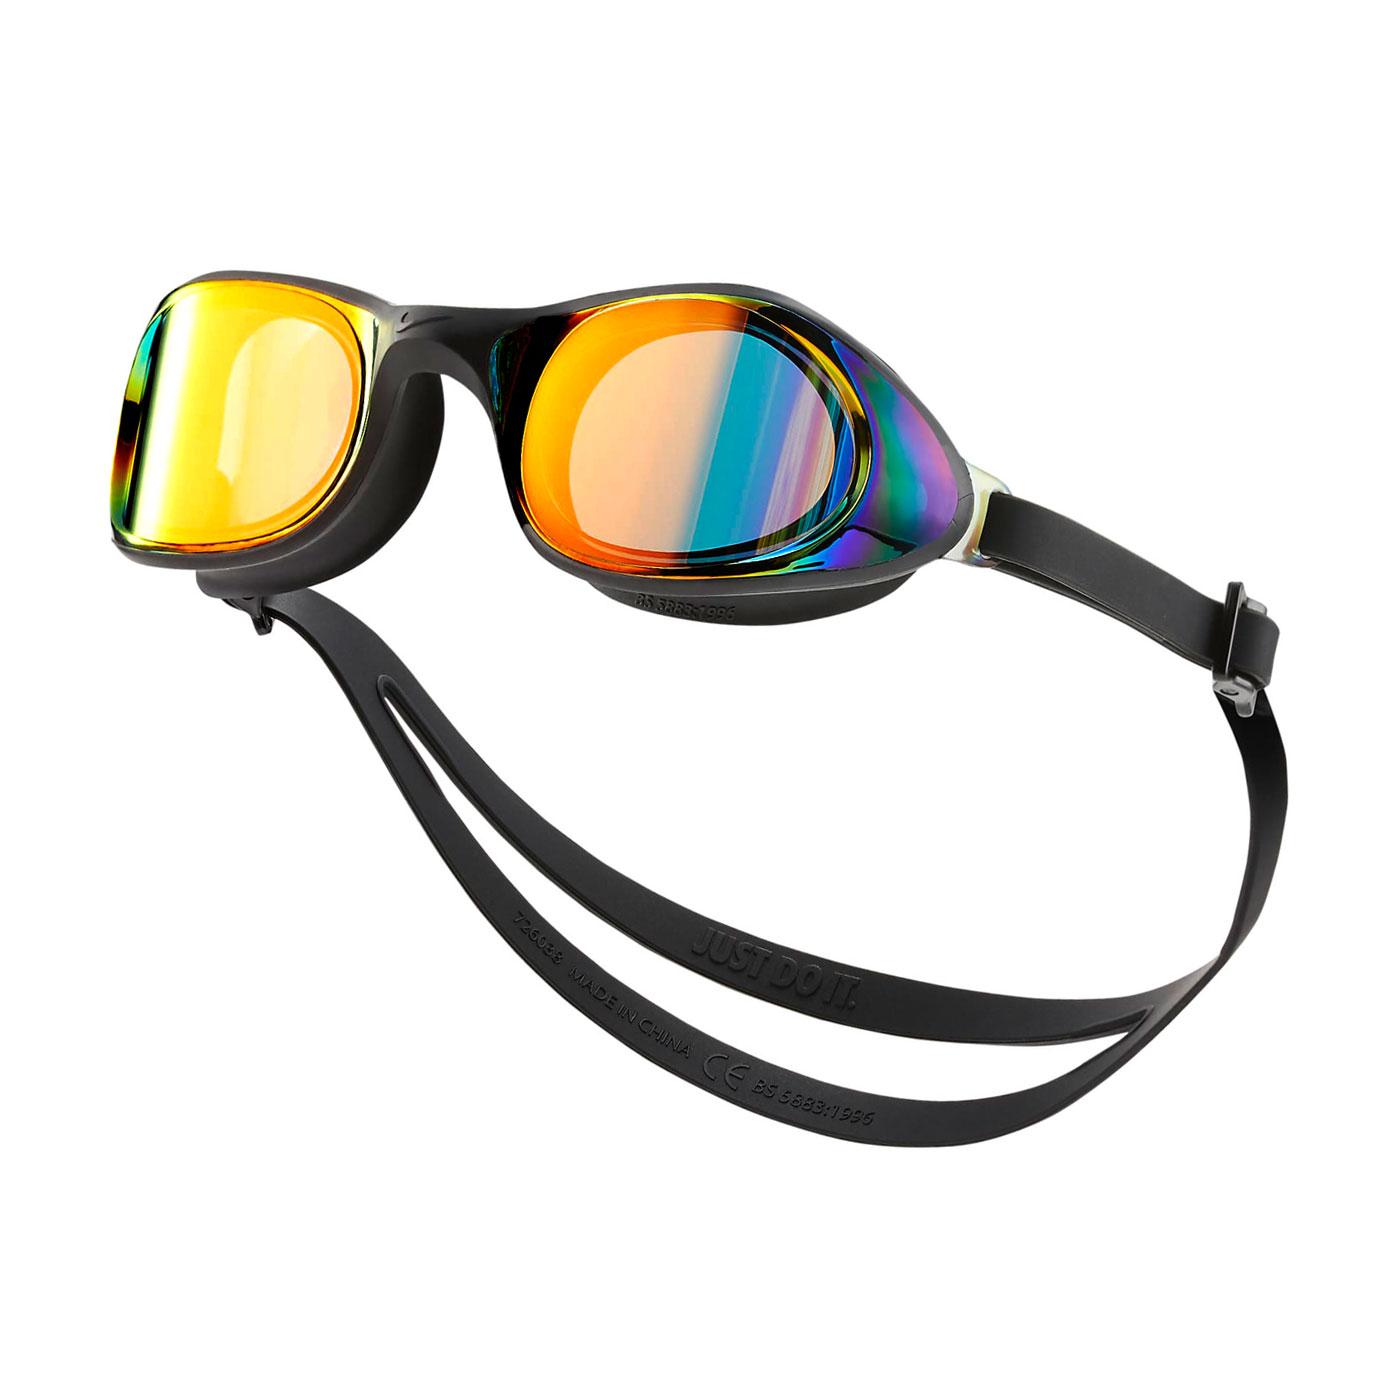 NIKE SWIM 成人超廣角鏡面泳鏡 NESSB160-840 - 黑橘黃藍紫